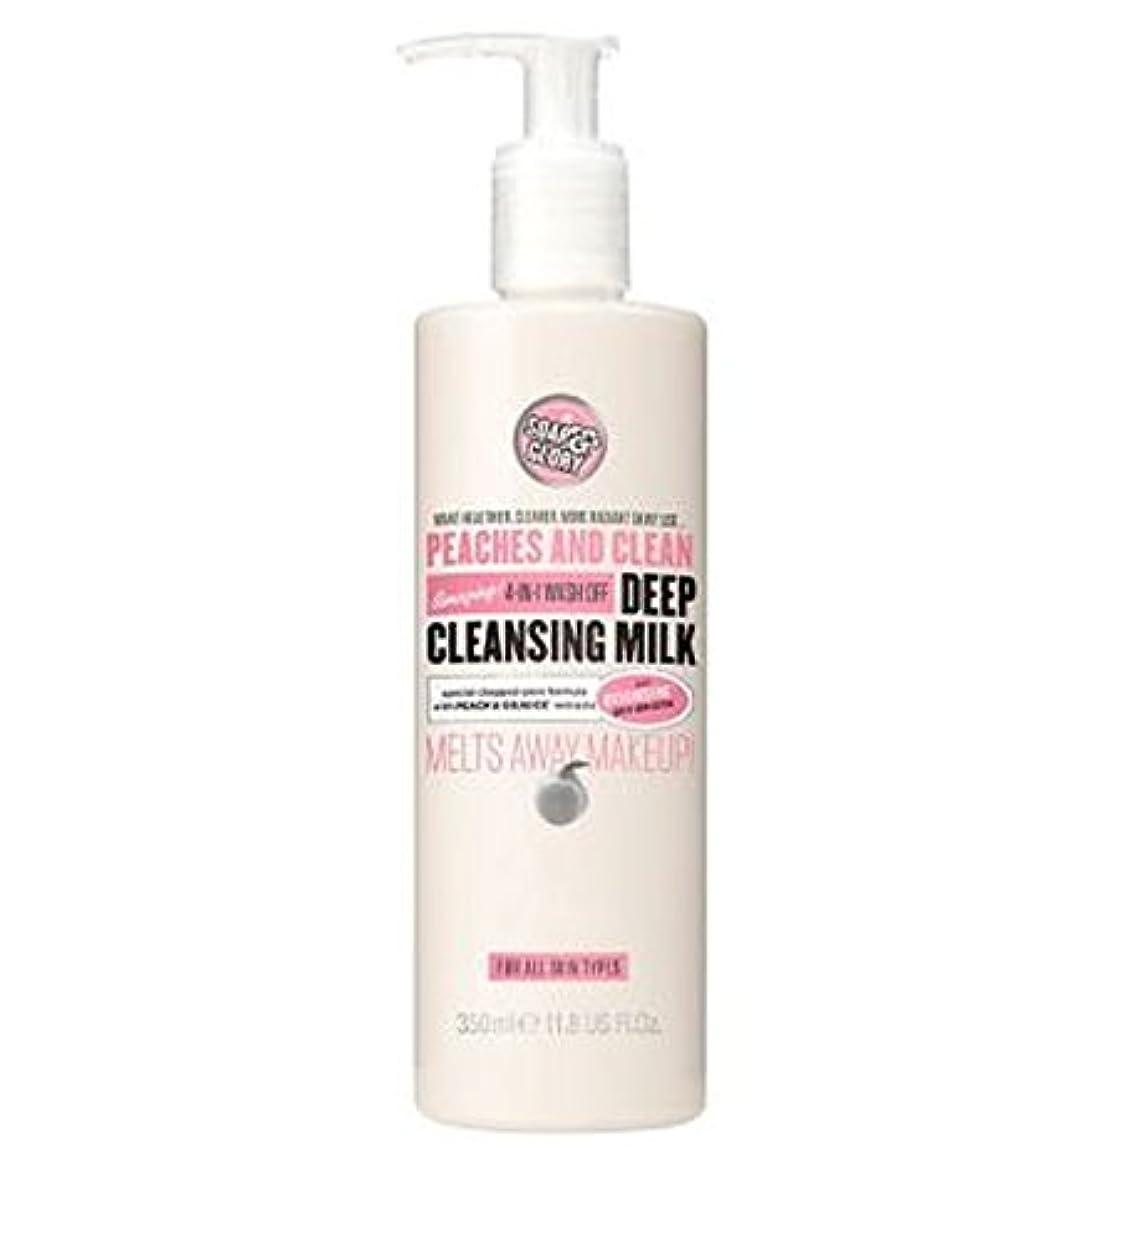 アフリカ人一握りスタンド桃やクリーン?ディープクレンジングミルク350ミリリットル (Soap & Glory) (x2) - PEACHES AND CLEAN? Deep Cleansing Milk 350ml (Pack of 2) [並行輸入品]